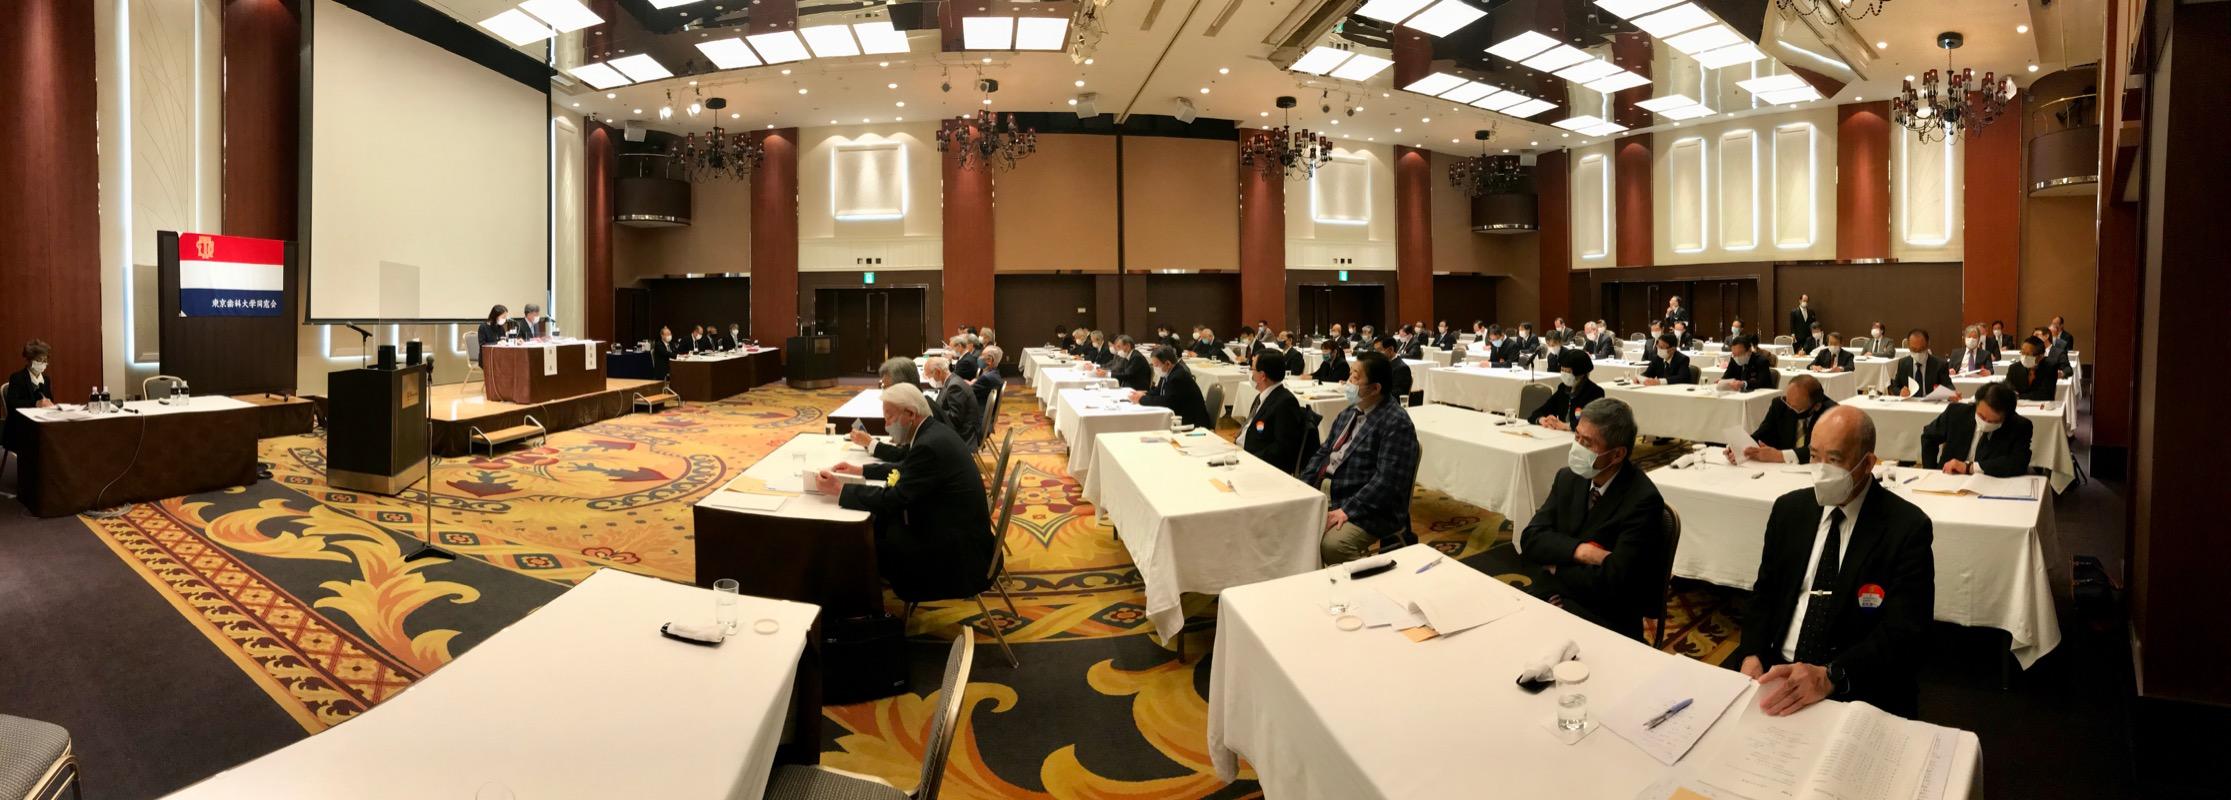 令和2年度 東京歯科大学同窓会評議員会 開催(令和2年11月15日)《写真ギャラリー》